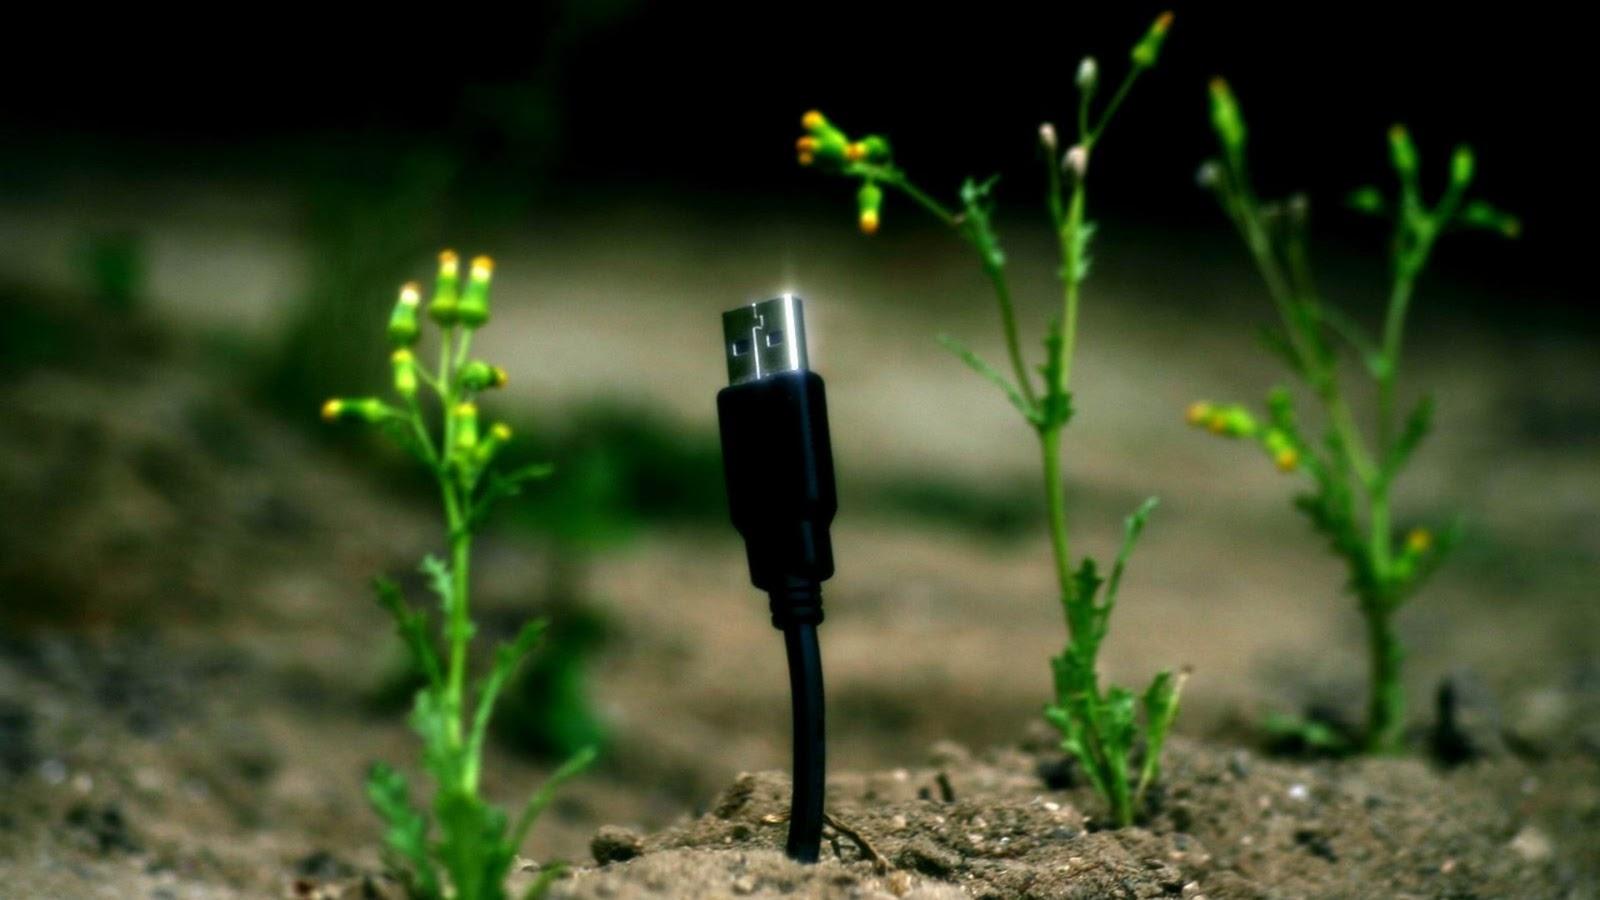 http://1.bp.blogspot.com/-kekSuFt_C8E/TszKXx6GSFI/AAAAAAAABf0/3bMR1MwzXtM/s1600/USB_HD_Hi_Res_Theme_Desktop_Vvallpaper.net.jpg